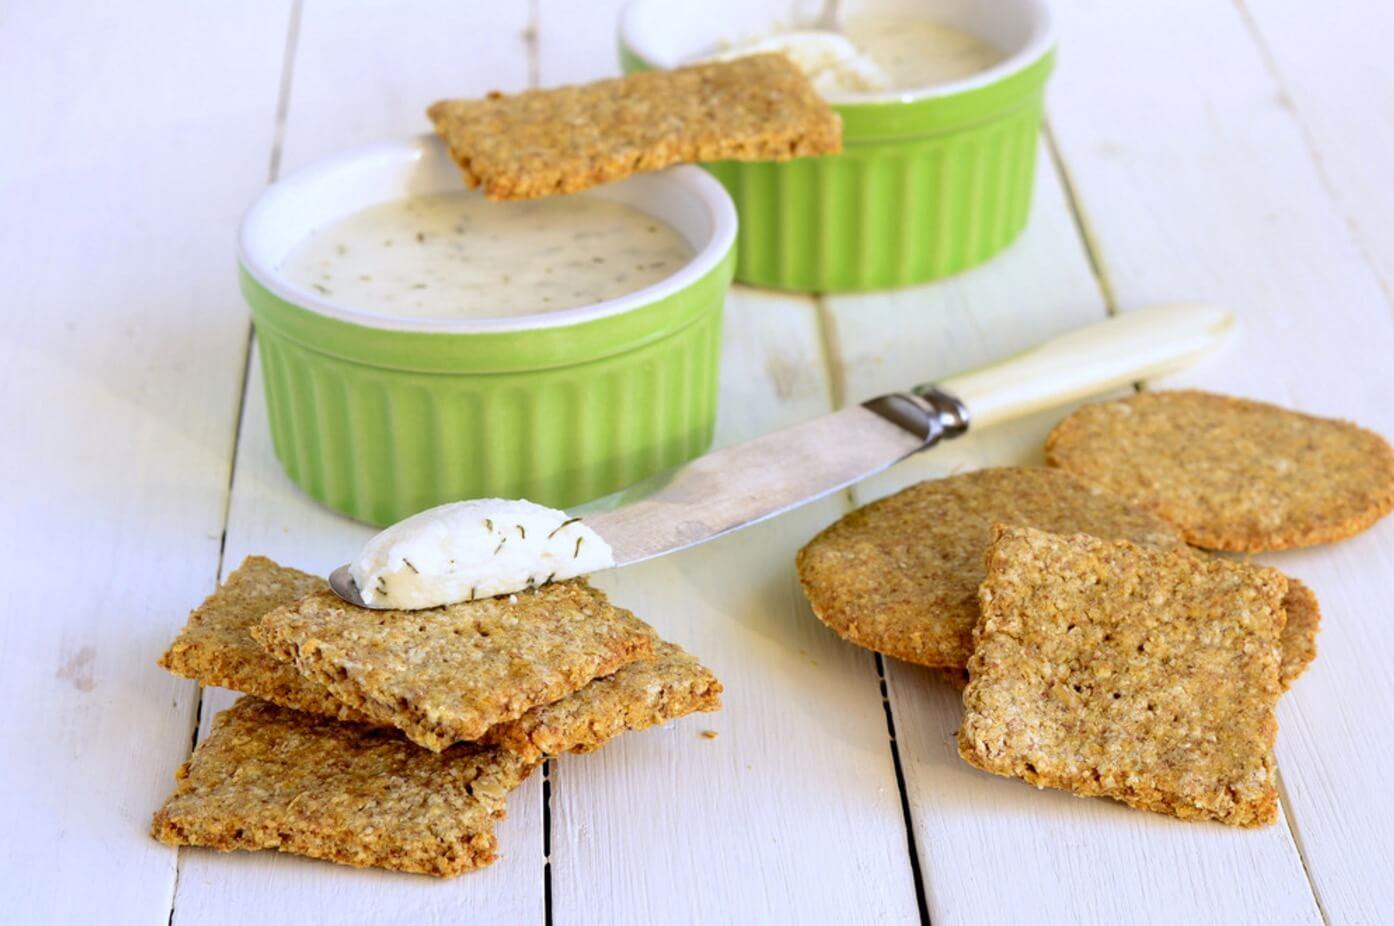 Cómo hacer galletas saladas bajas en calorías